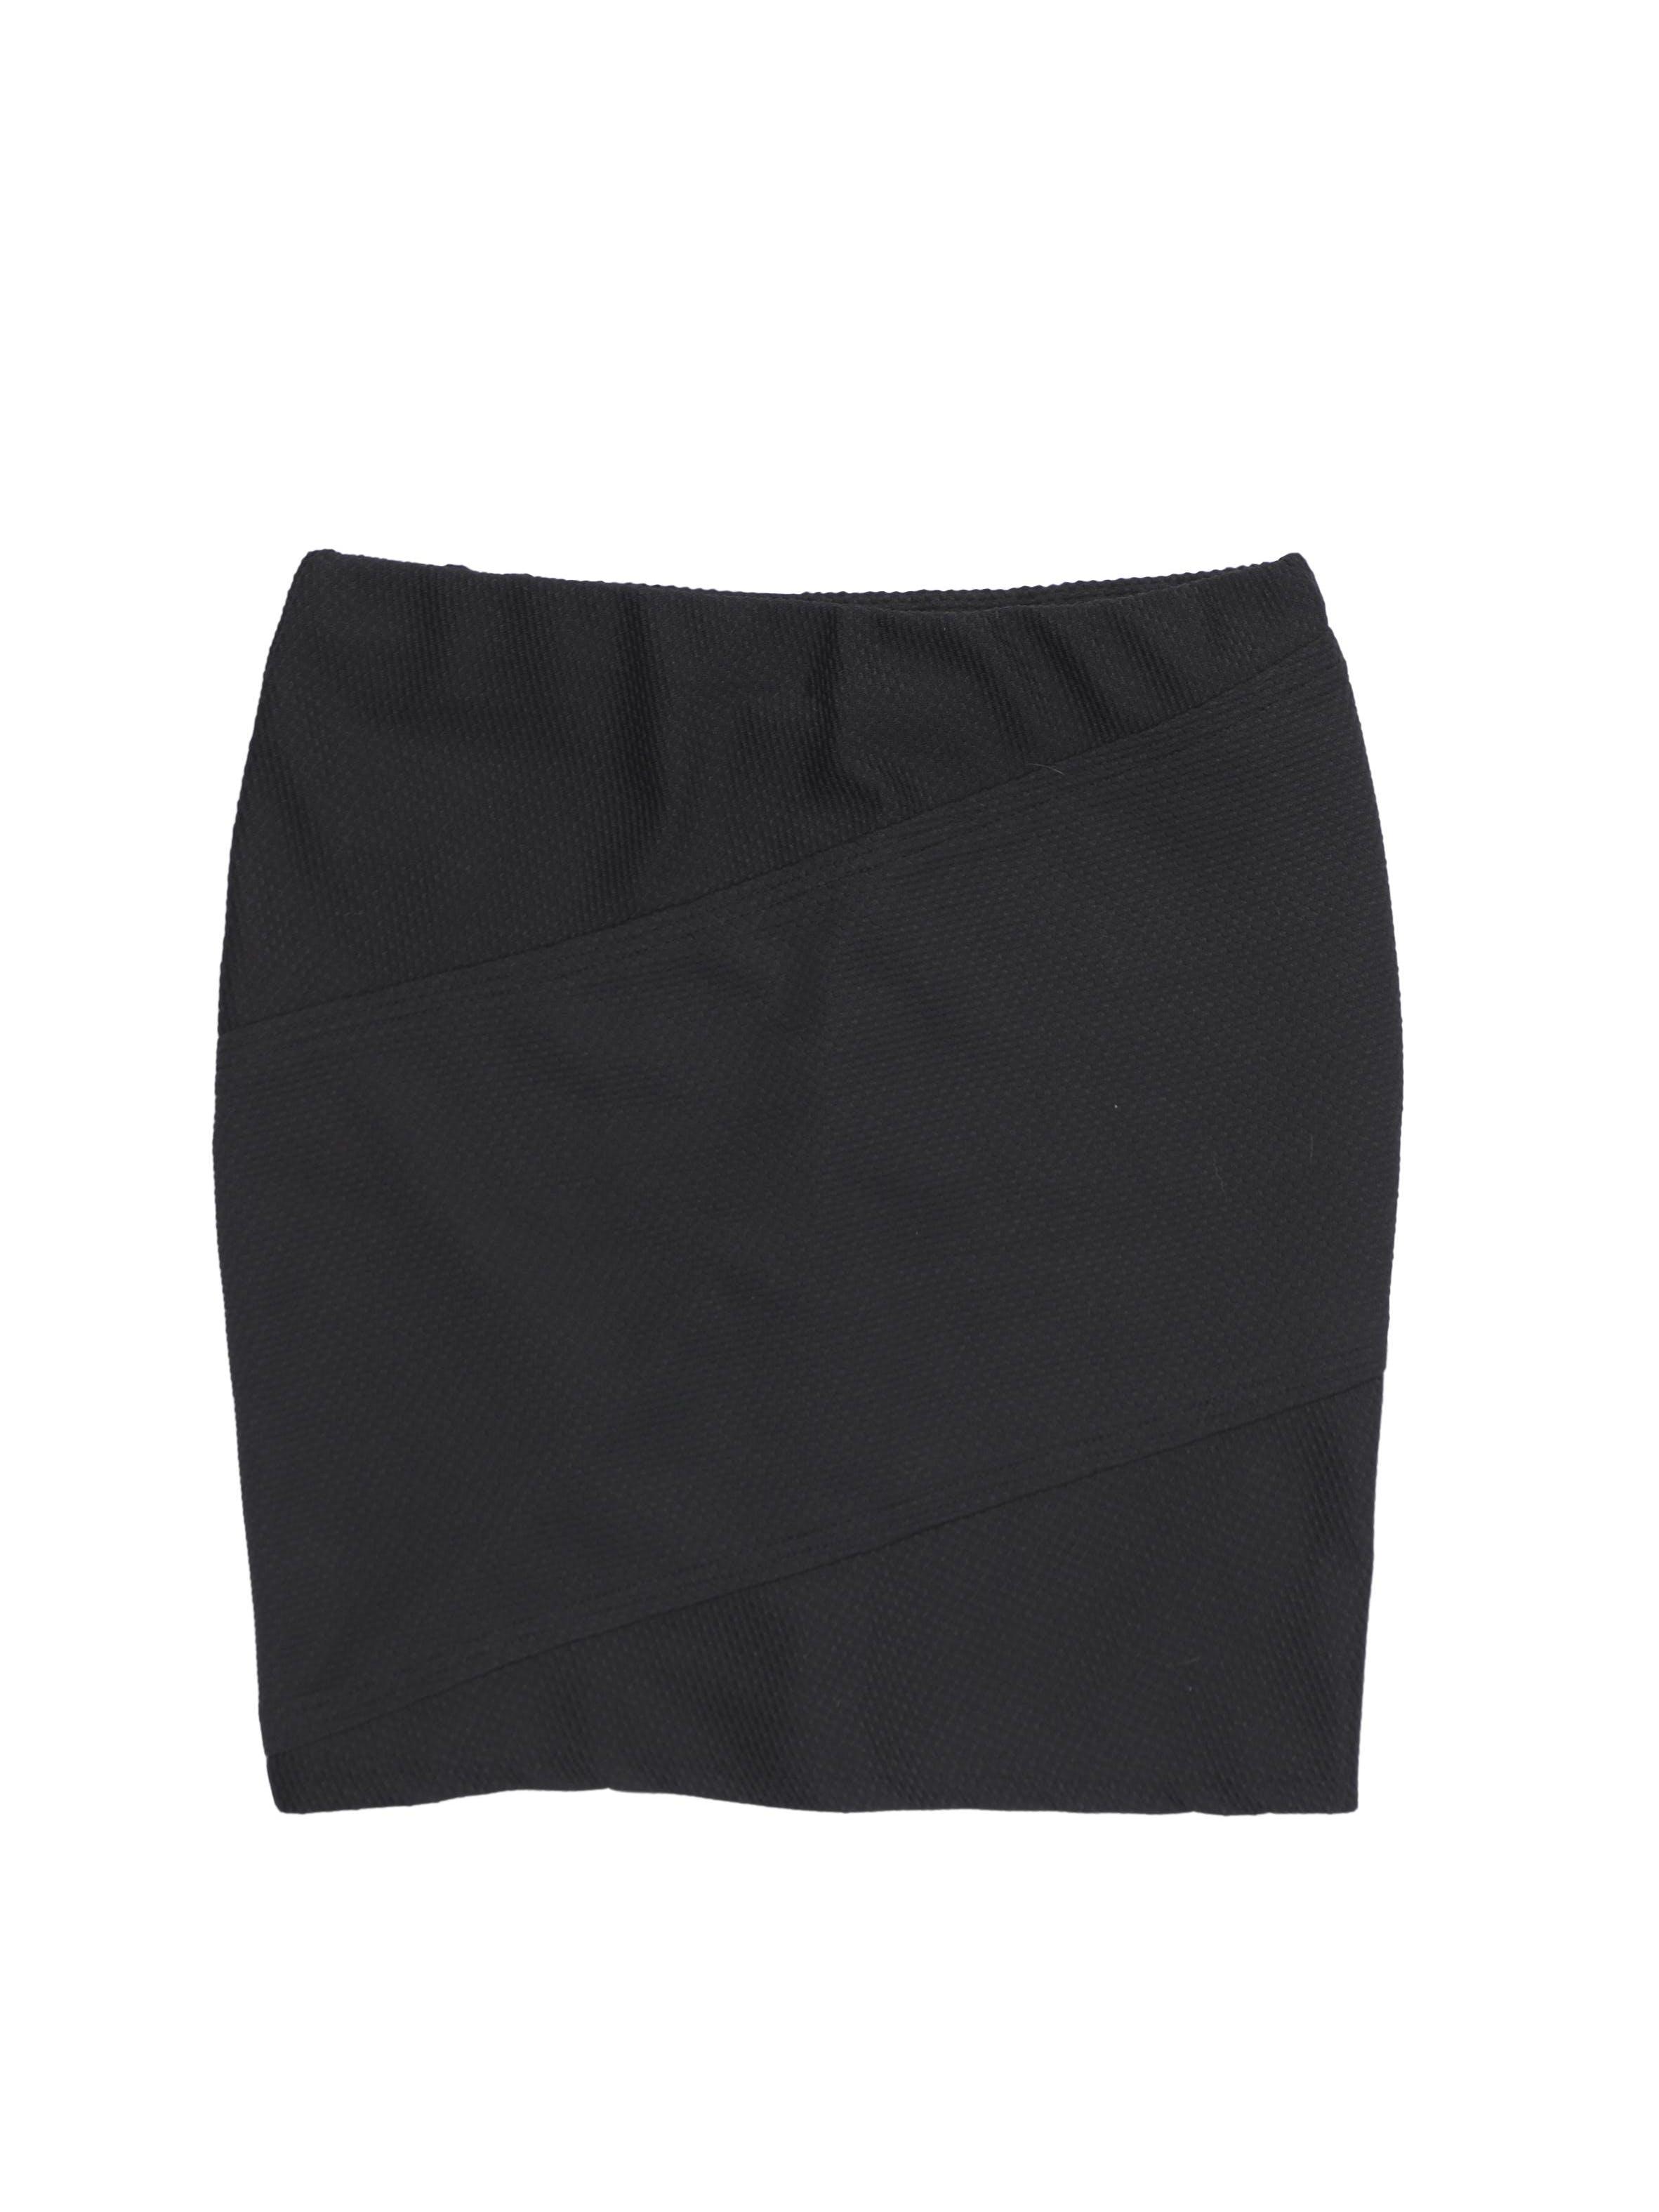 Falda Mossimo negra con textura y cortes diagonales, elástico en la cintura. Cintura 72-80cm Largo 44cm